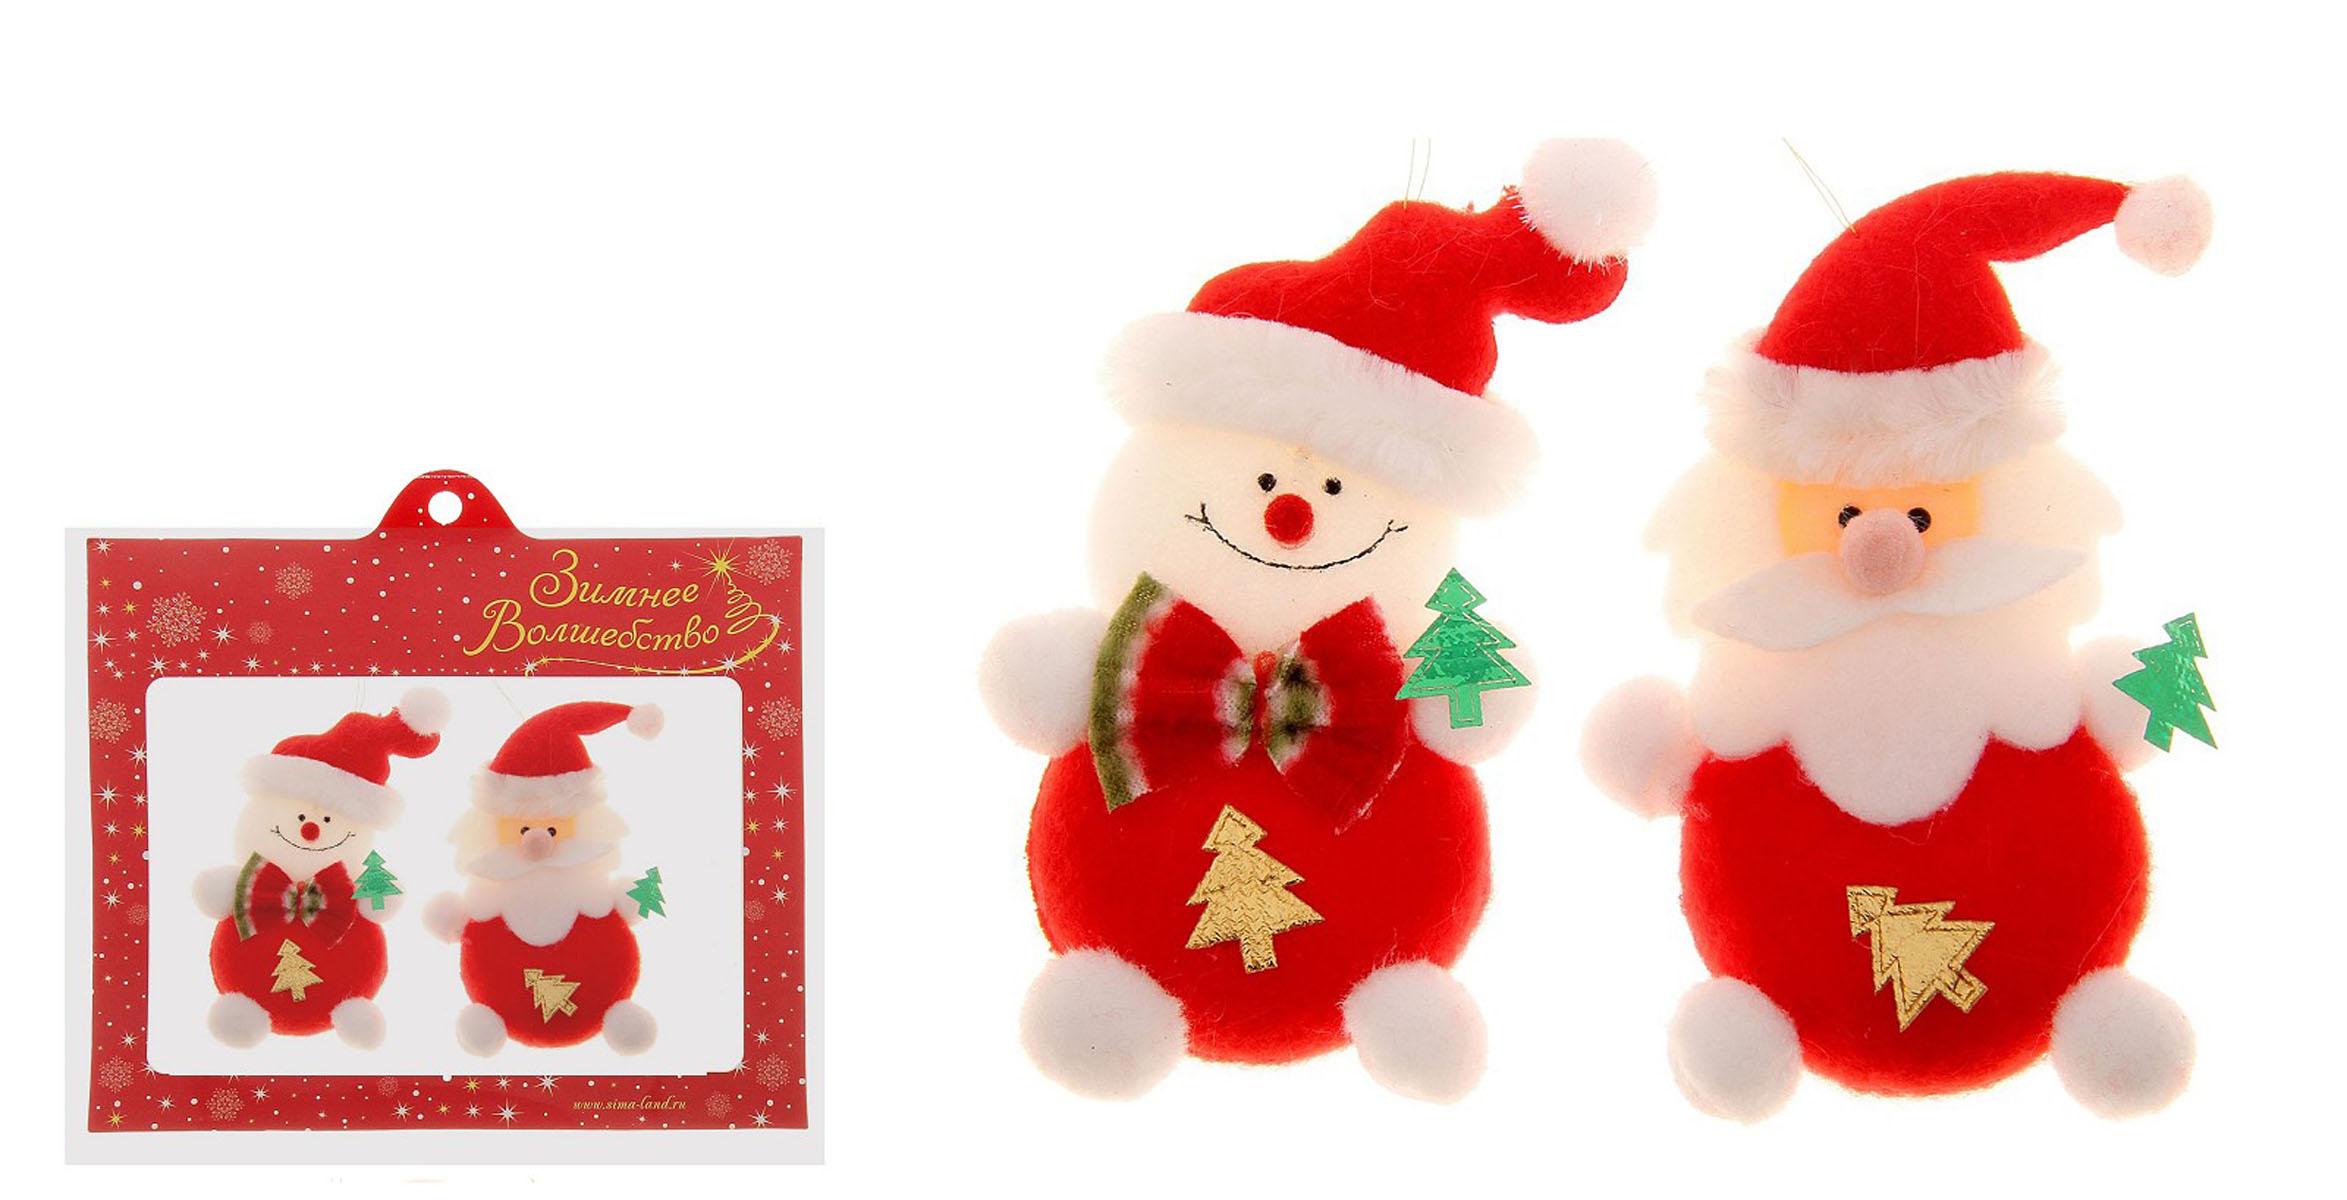 """Набор """"Sima-land"""", состоящий из двух новогодних подвесных украшений, отлично   подойдет для декорации вашего дома и новогодней ели. Игрушки выполнены из   текстиля в виде Деда Мороза и Снеговика с декоративными елочками.   Украшения оснащены специальными текстильными петельками для подвешивания.    Елочная игрушка - символ Нового года. Она несет в себе волшебство и красоту   праздника. Создайте в своем доме атмосферу веселья и радости, украшая всей   семьей новогоднюю елку нарядными игрушками, которые будут из года в год   накапливать теплоту воспоминаний.   Коллекция декоративных украшений из серии """"Зимнее волшебство"""" принесет в   ваш дом ни с чем не сравнимое ощущение праздника!   Материал: текстиль, пластик.  Размер украшения (Дед Мороз): 6,5 см х 2 см х 11 см. Размер украшения (Снеговик): 6 см х 2 см х 12 см."""